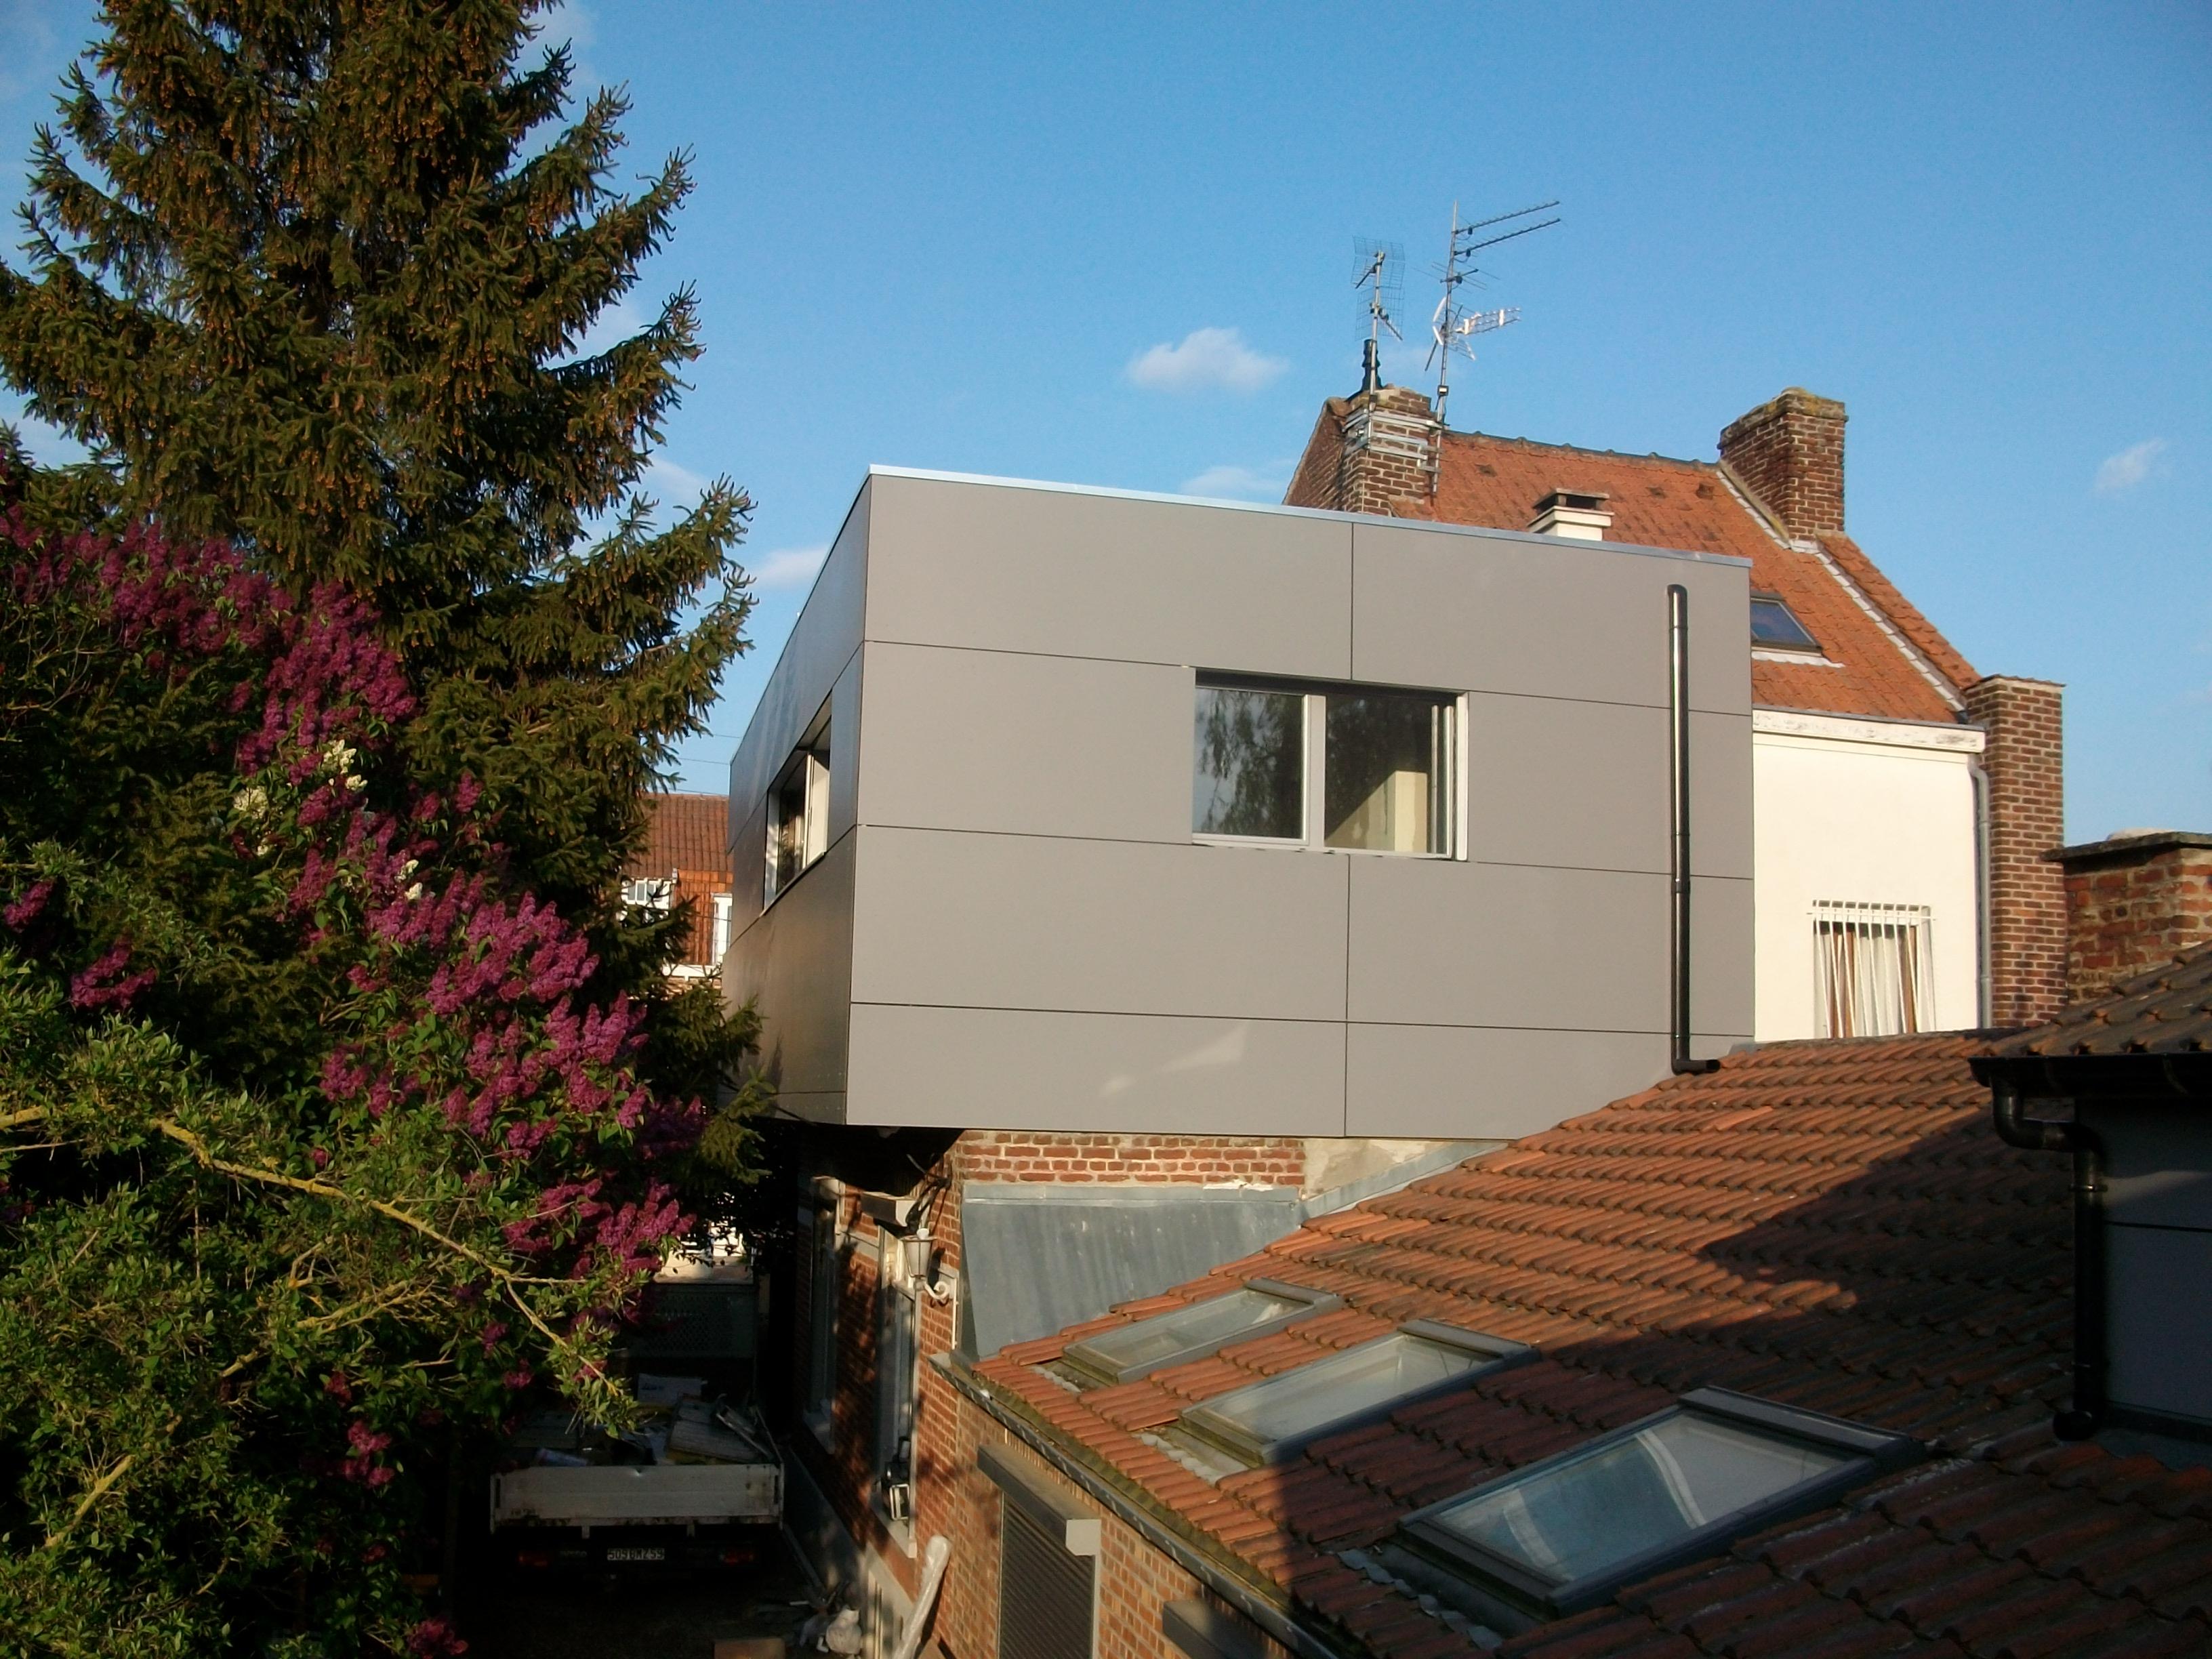 Agrandir sa maison en ossature bois ventana blog for Agrandir sa maison extension en bois